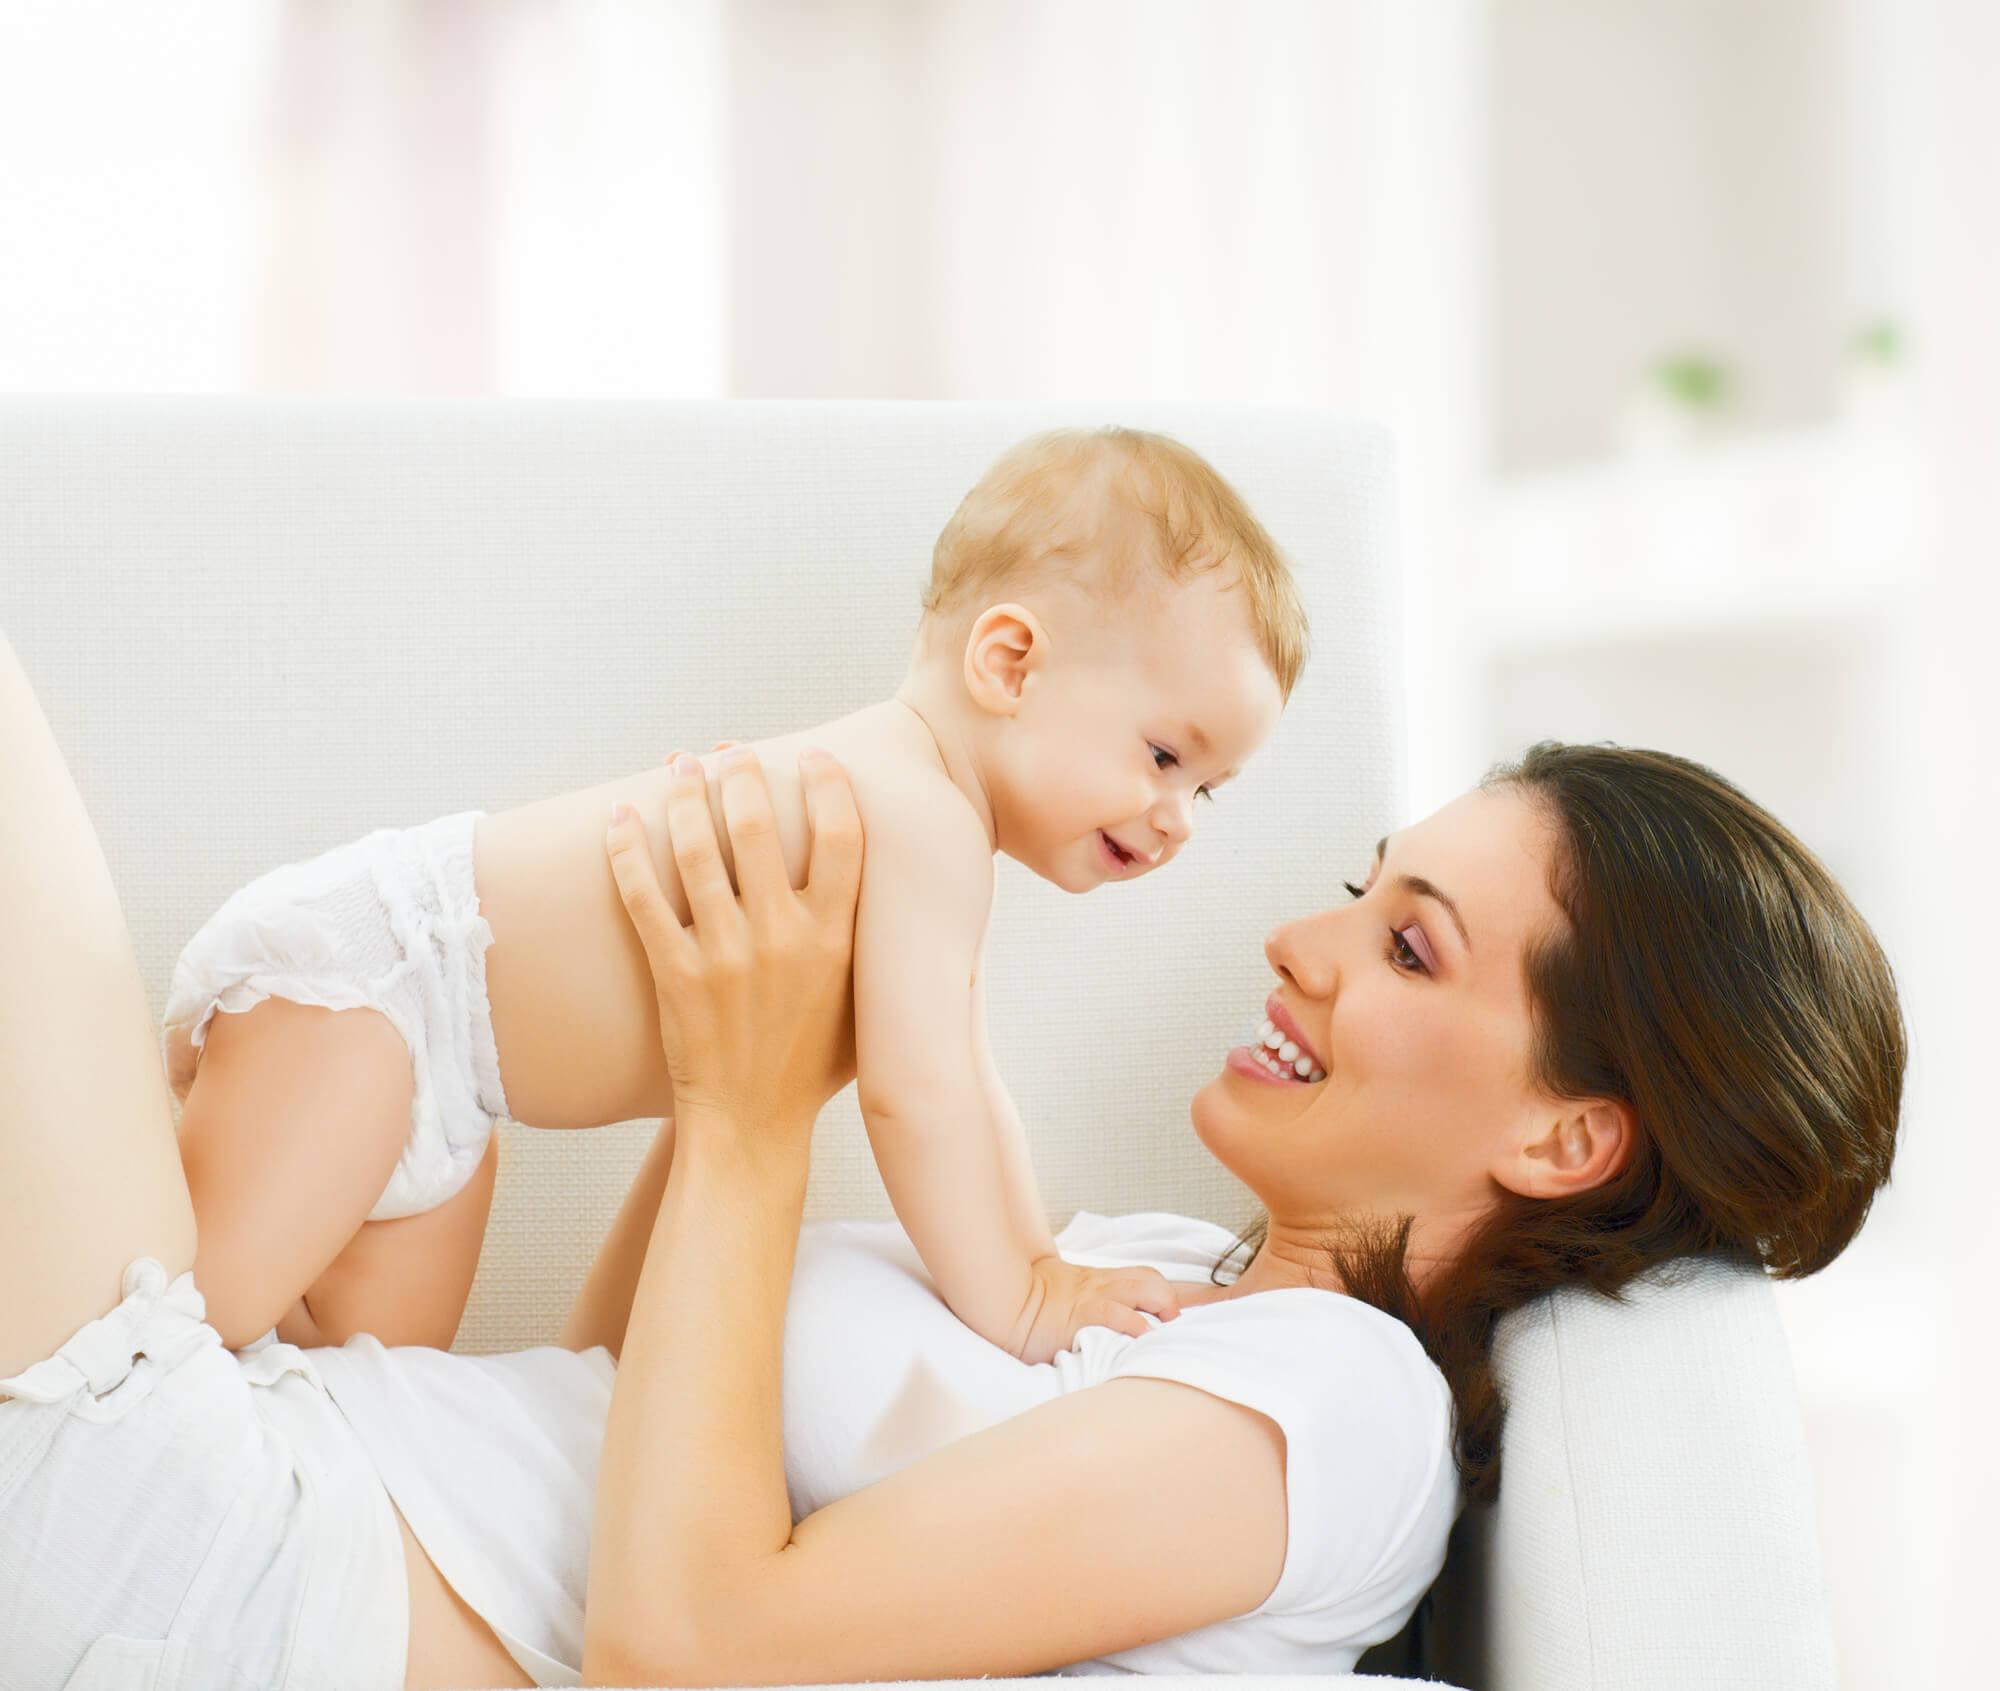 泰国试管婴儿费用合理,成功率有保障!